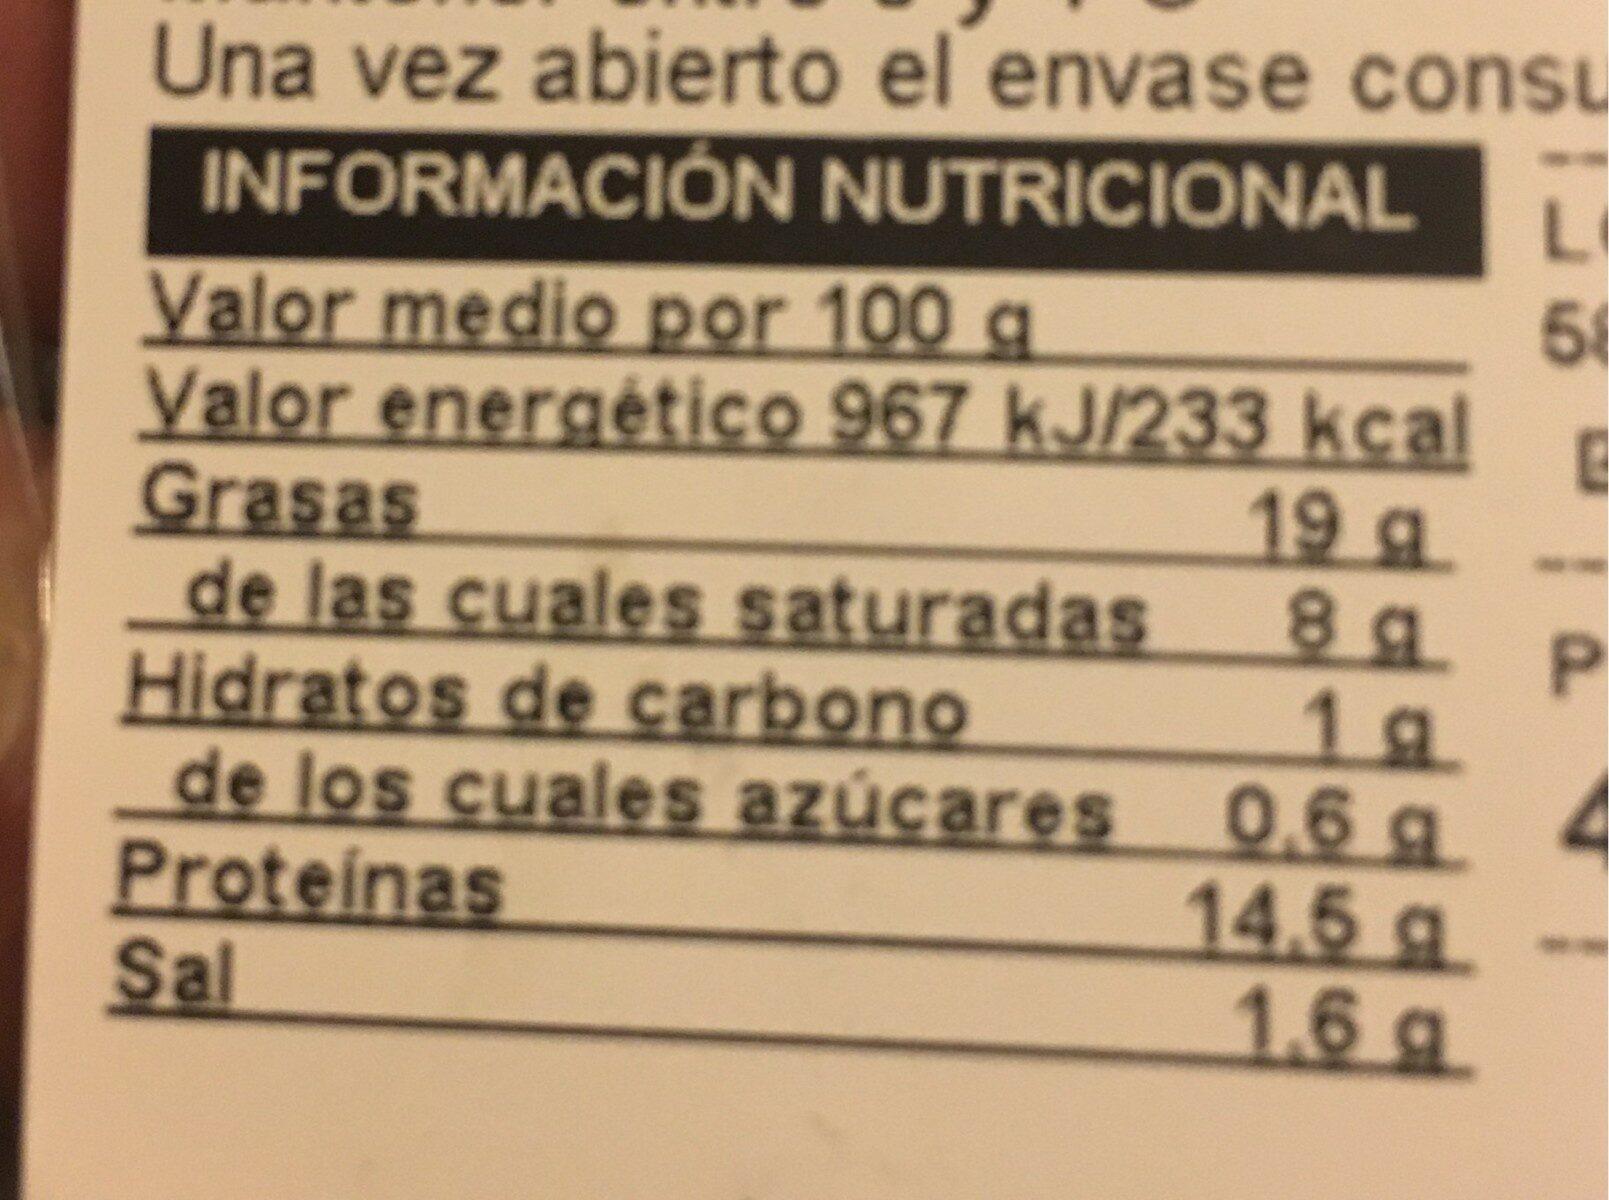 Butifarra fresca con cebolla - Información nutricional